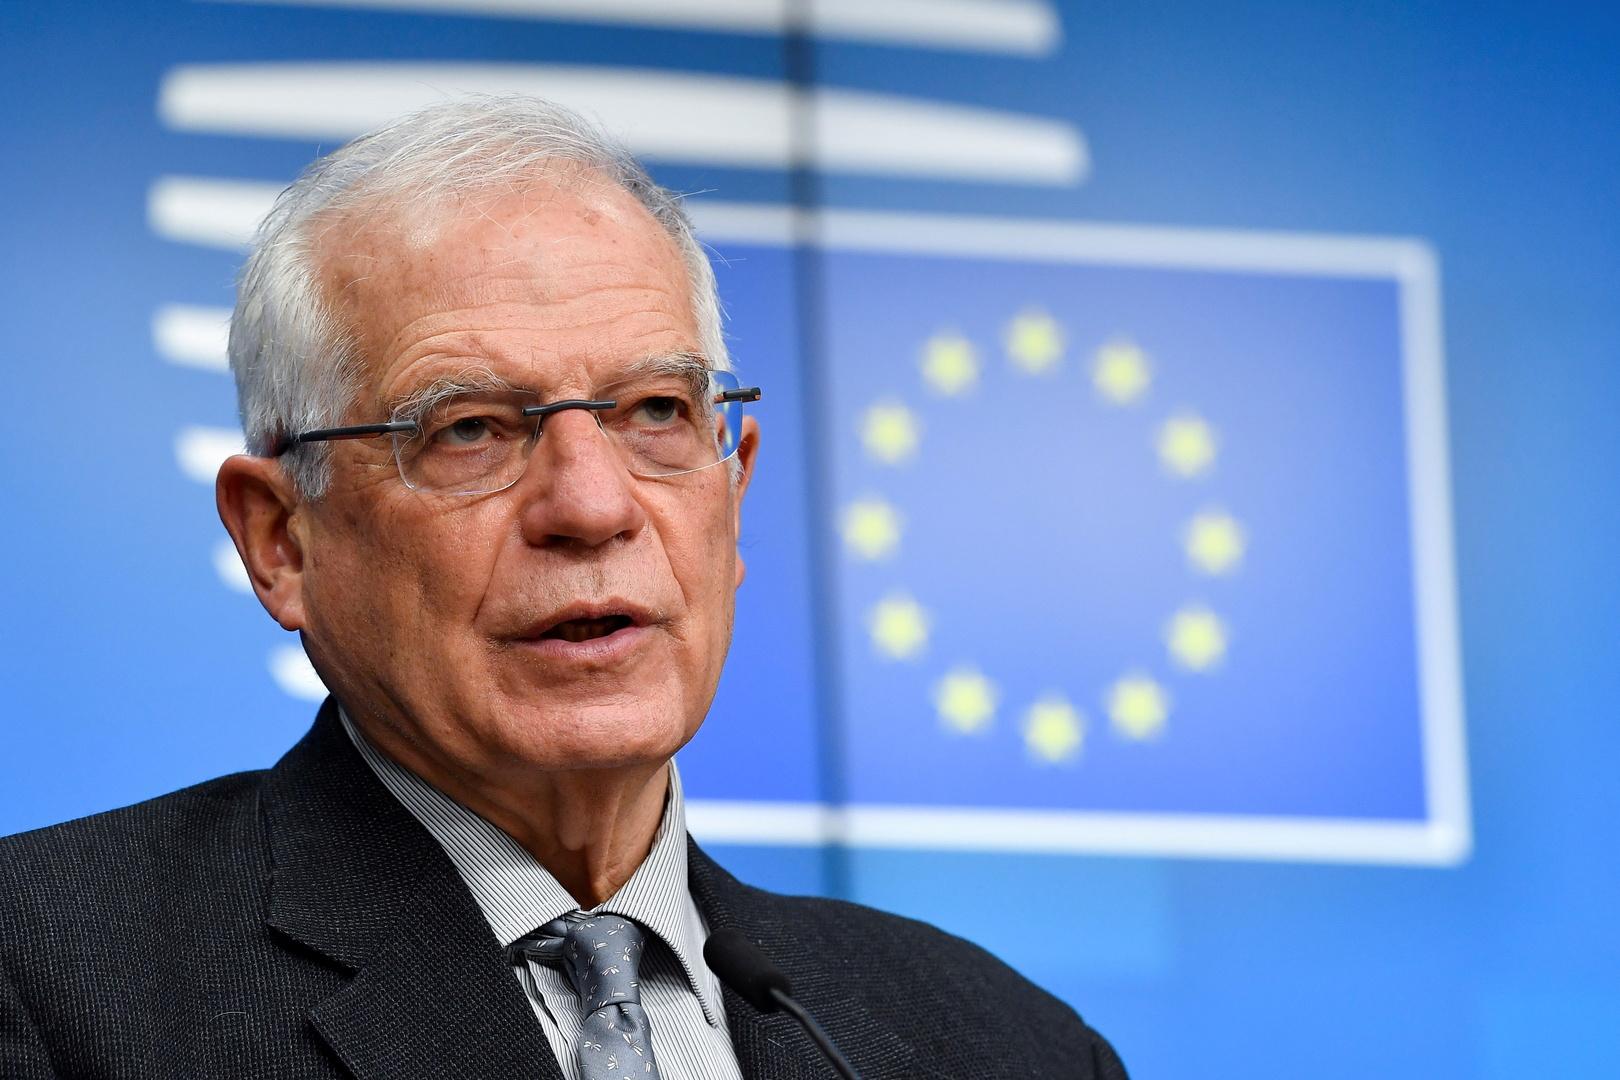 بوريل: وزراء الخارجية الأوروبيون لم يناقشوا عقوبات جديدة ضد روسيا